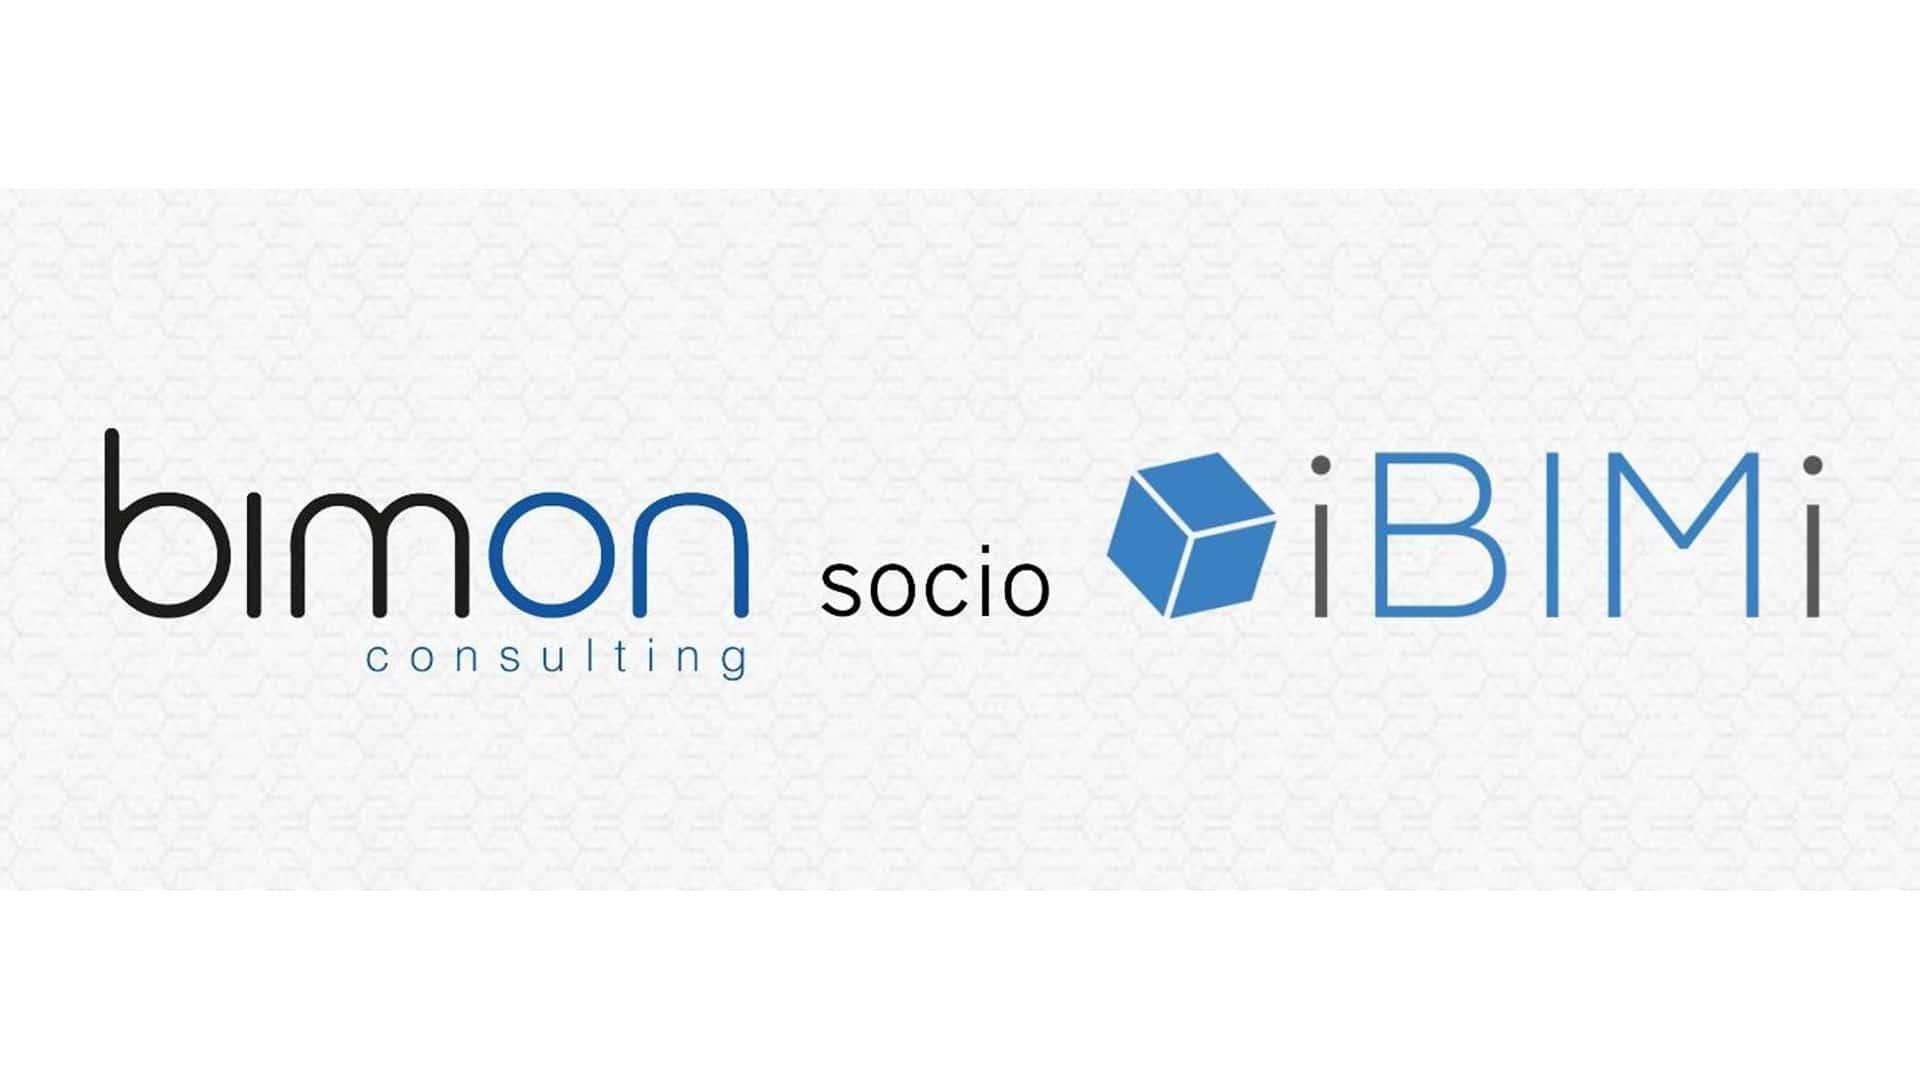 BIMon diventa socio di IBIMI